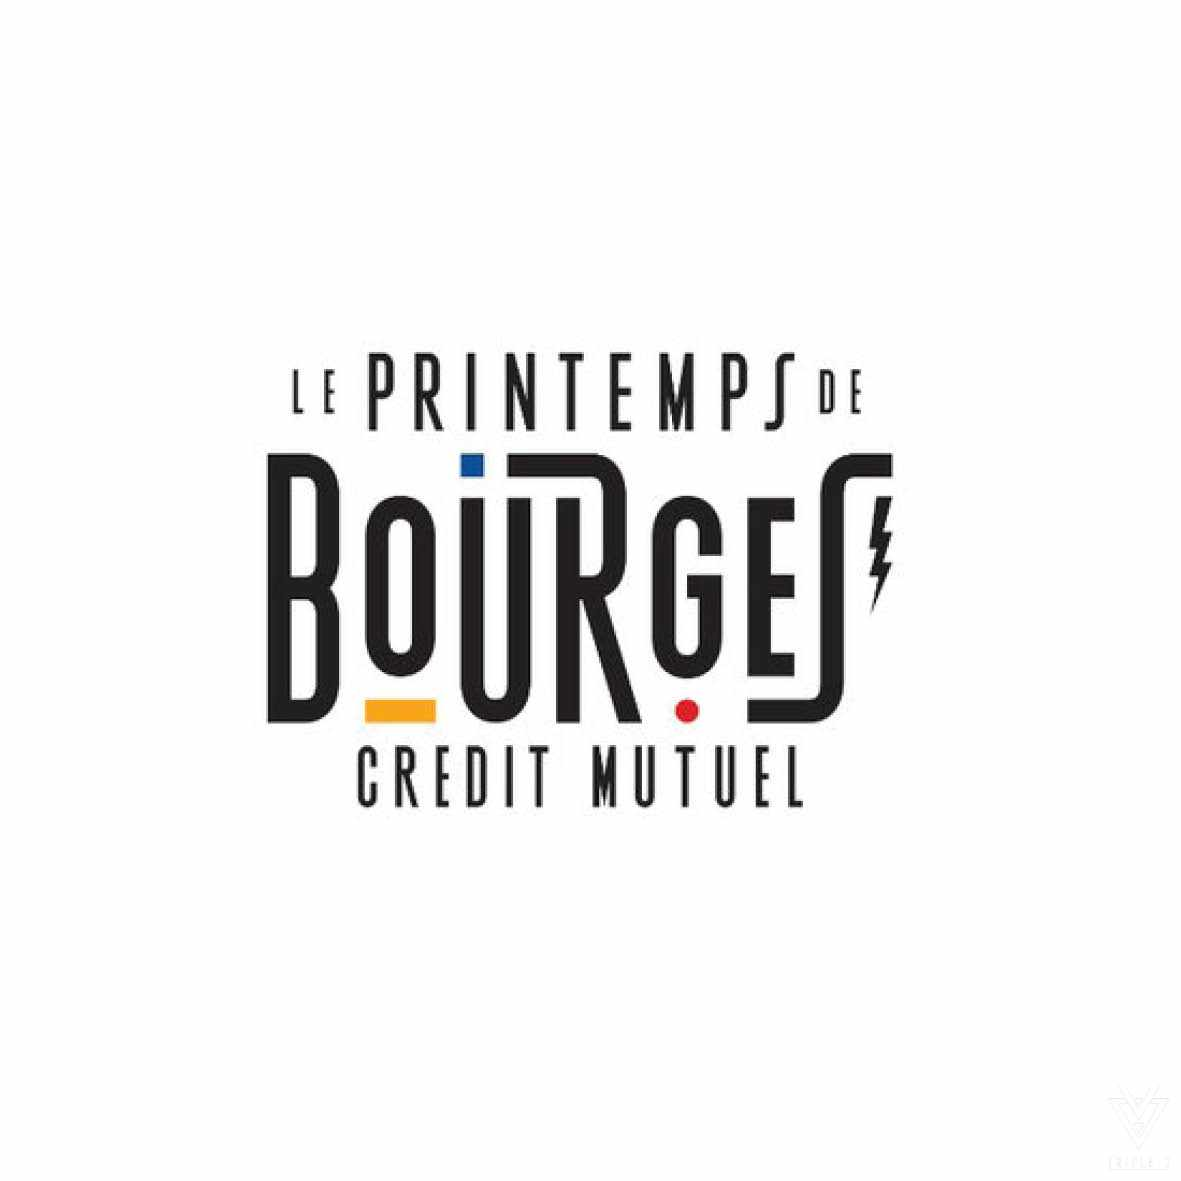 Triple - D Le Printemps de Bourges